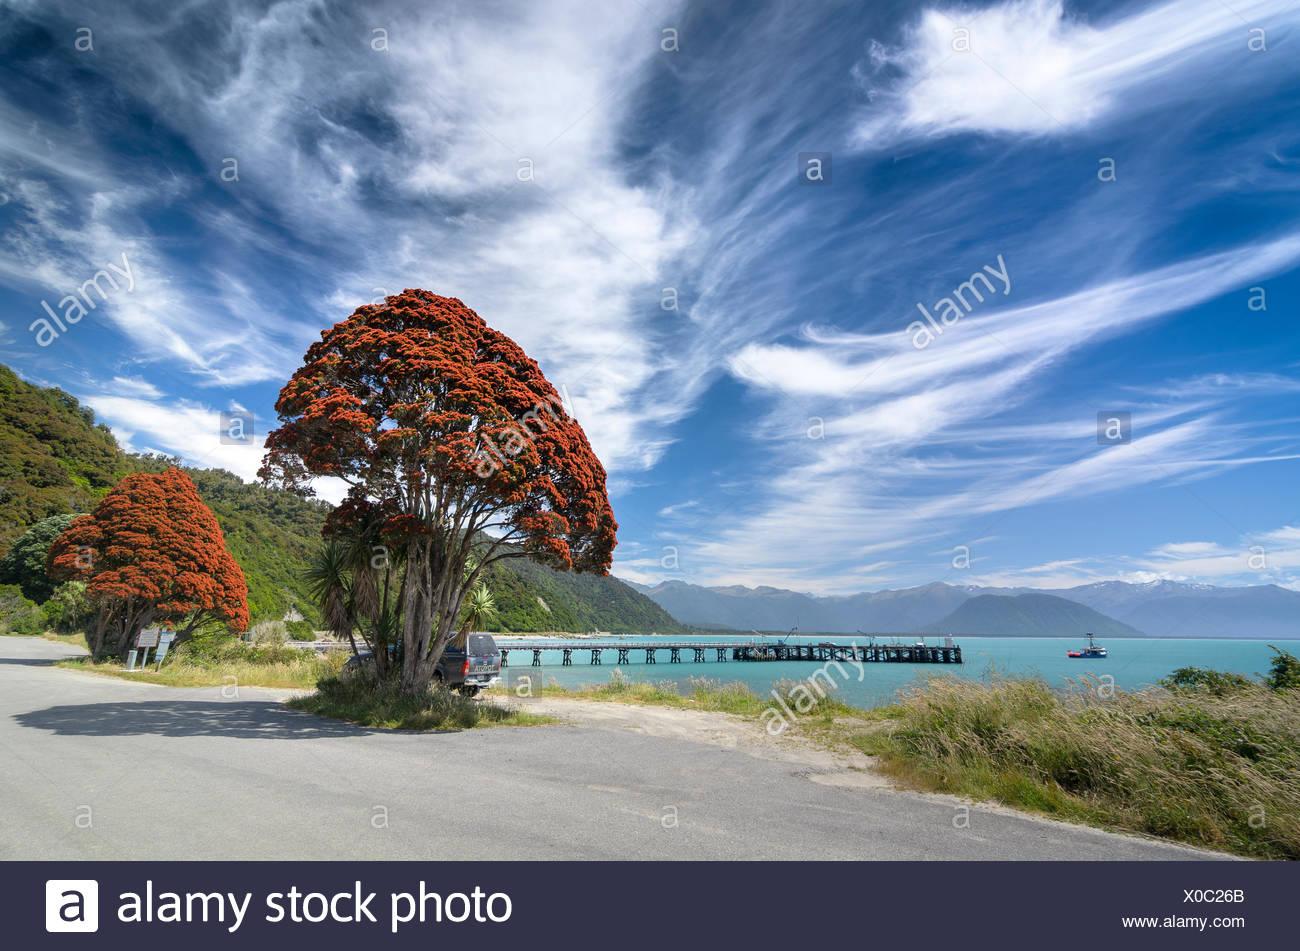 Floraison rouge de l'arbre de Noël de Nouvelle-Zélande (Metrosideros tomentosa), avec ciel nuageux, Jackson Bay, côte ouest, Tasman Photo Stock